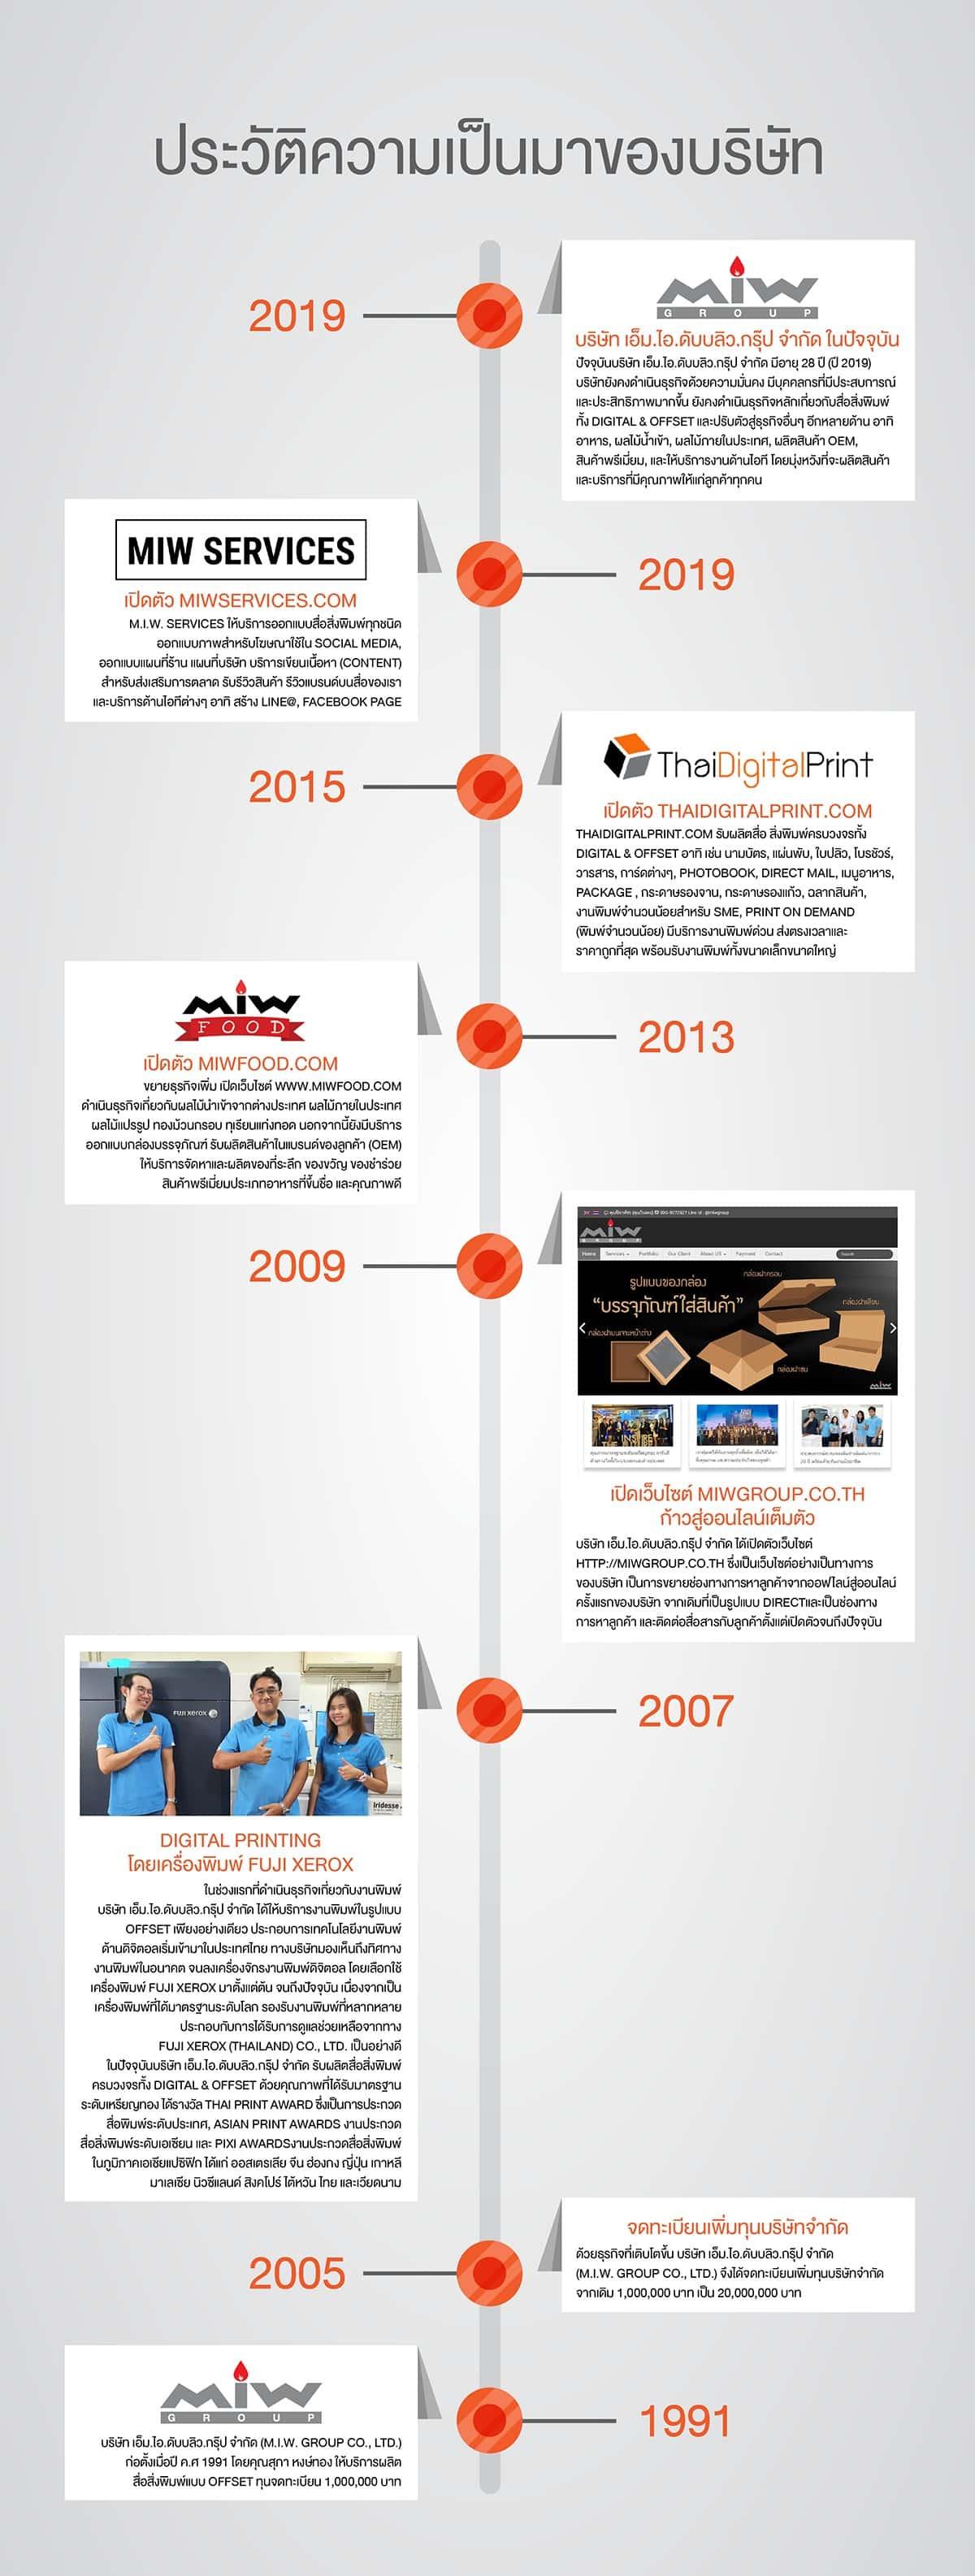 Company history M.I.W SERVICES.2 01 - ประวัติบริษัท เอ็ม.ไอ.ดับบลิว.กรุ๊ป จำกัด